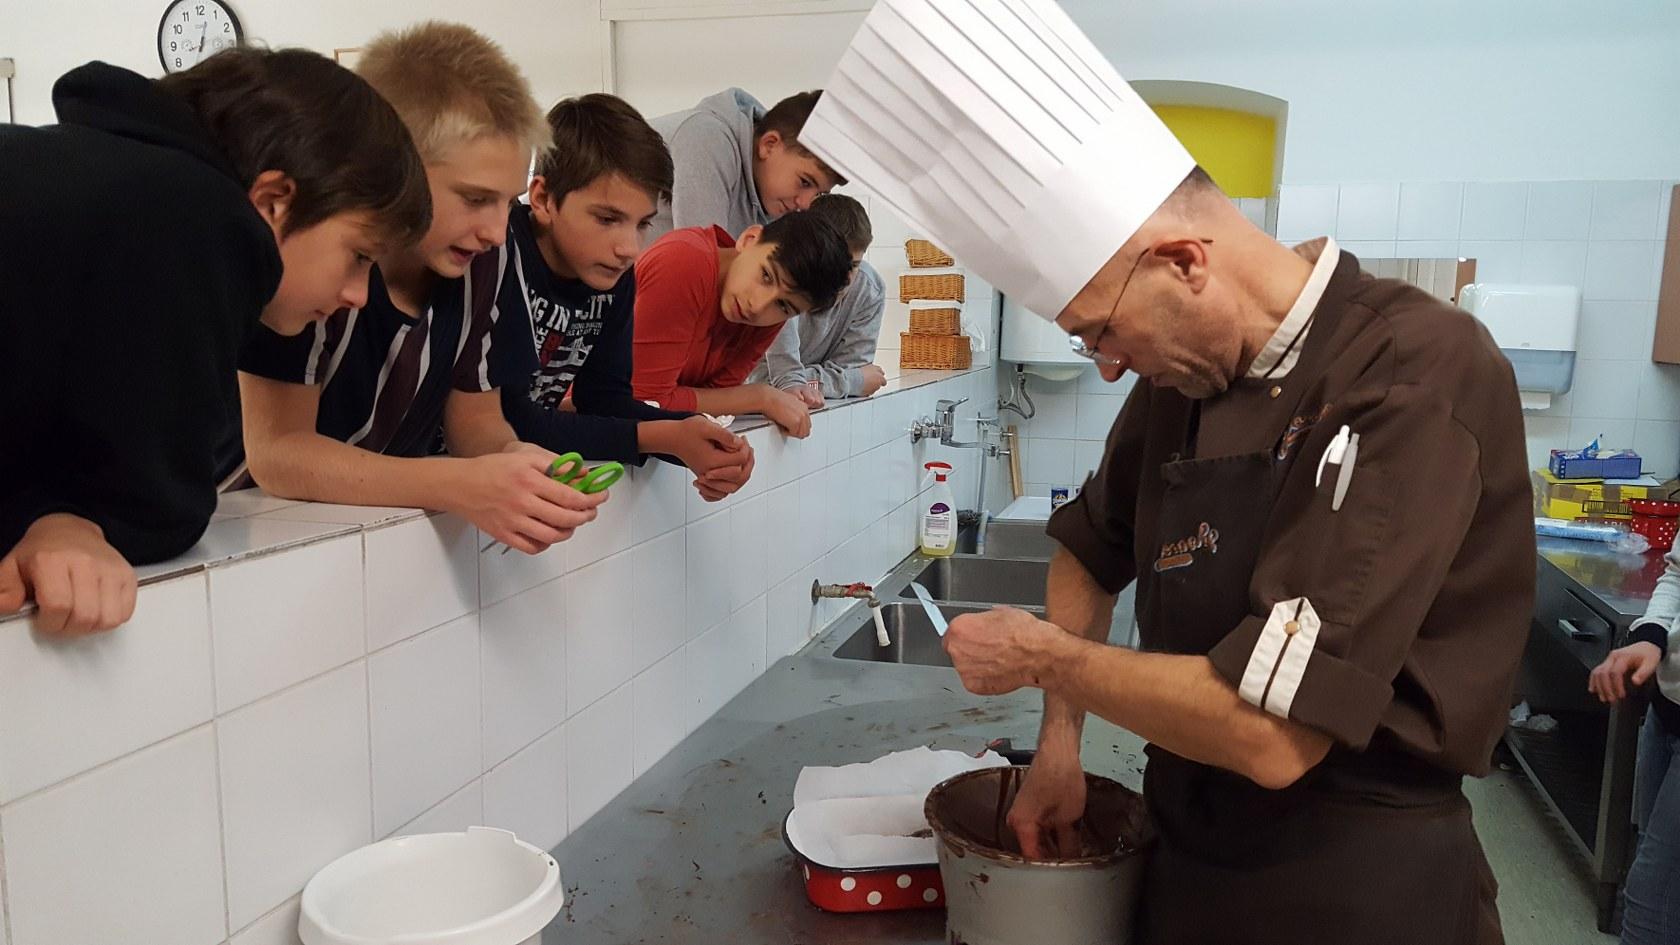 2019_11_12_delavnica_izdelave_cokoladnih_pralin-55